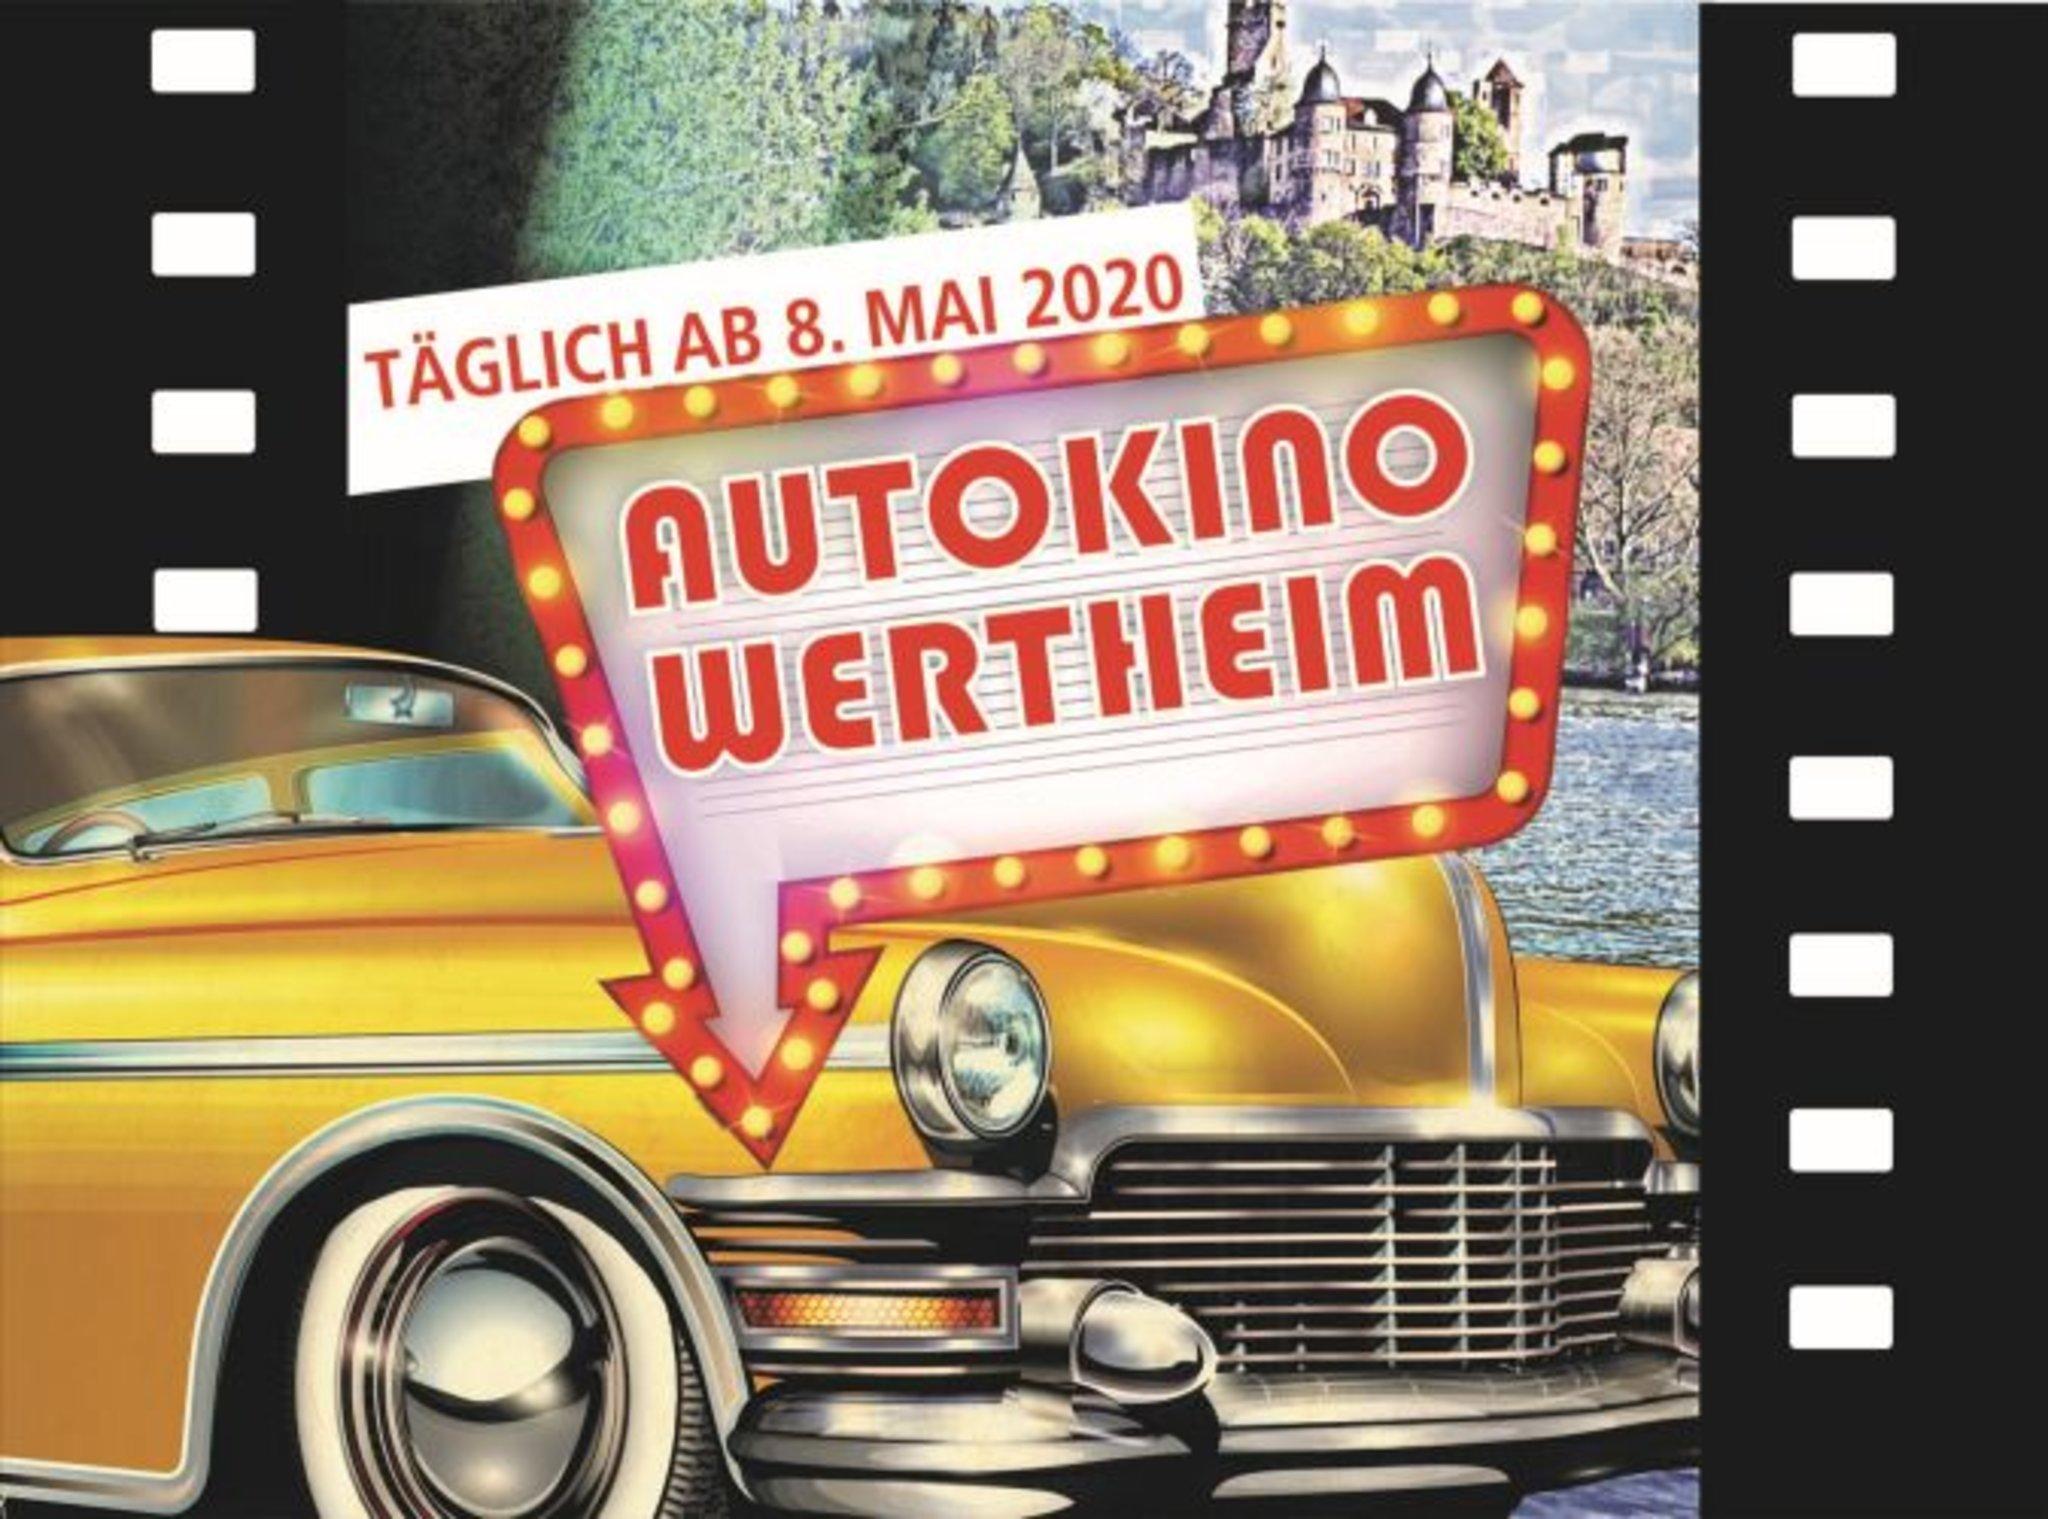 Wertheim Autokino